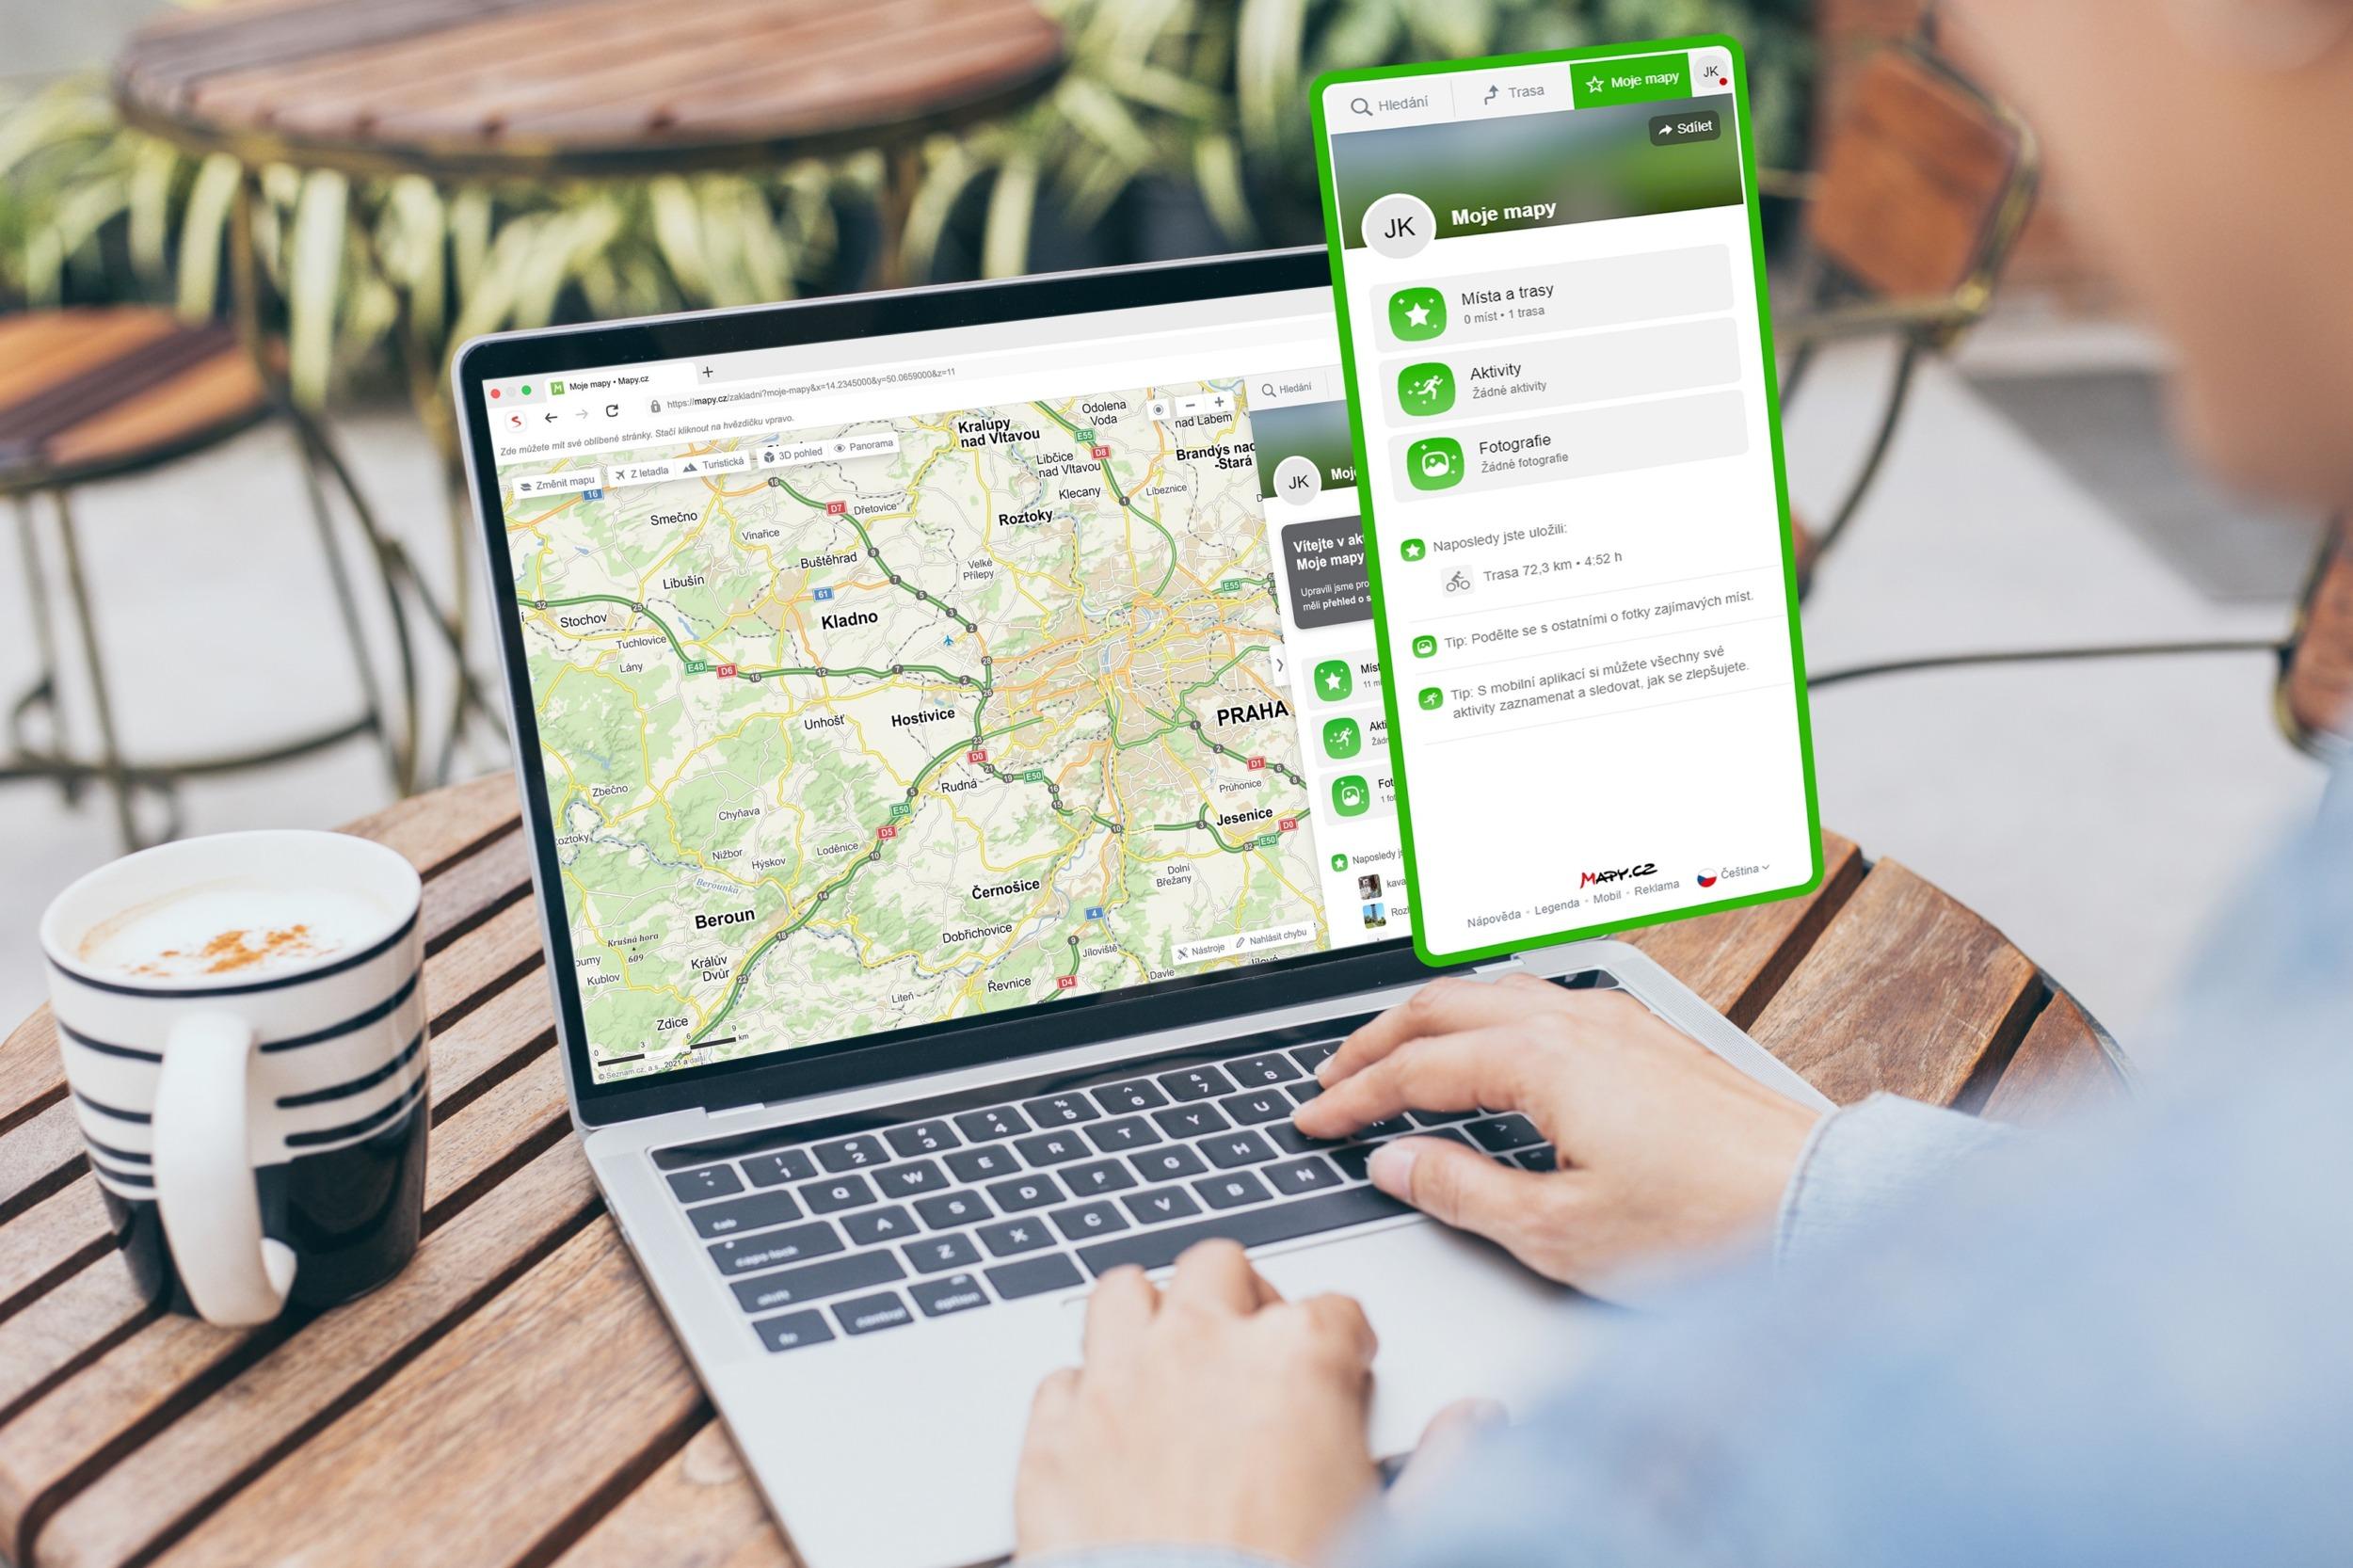 Aplikace Mapy.cz dostává profily pro uživatele